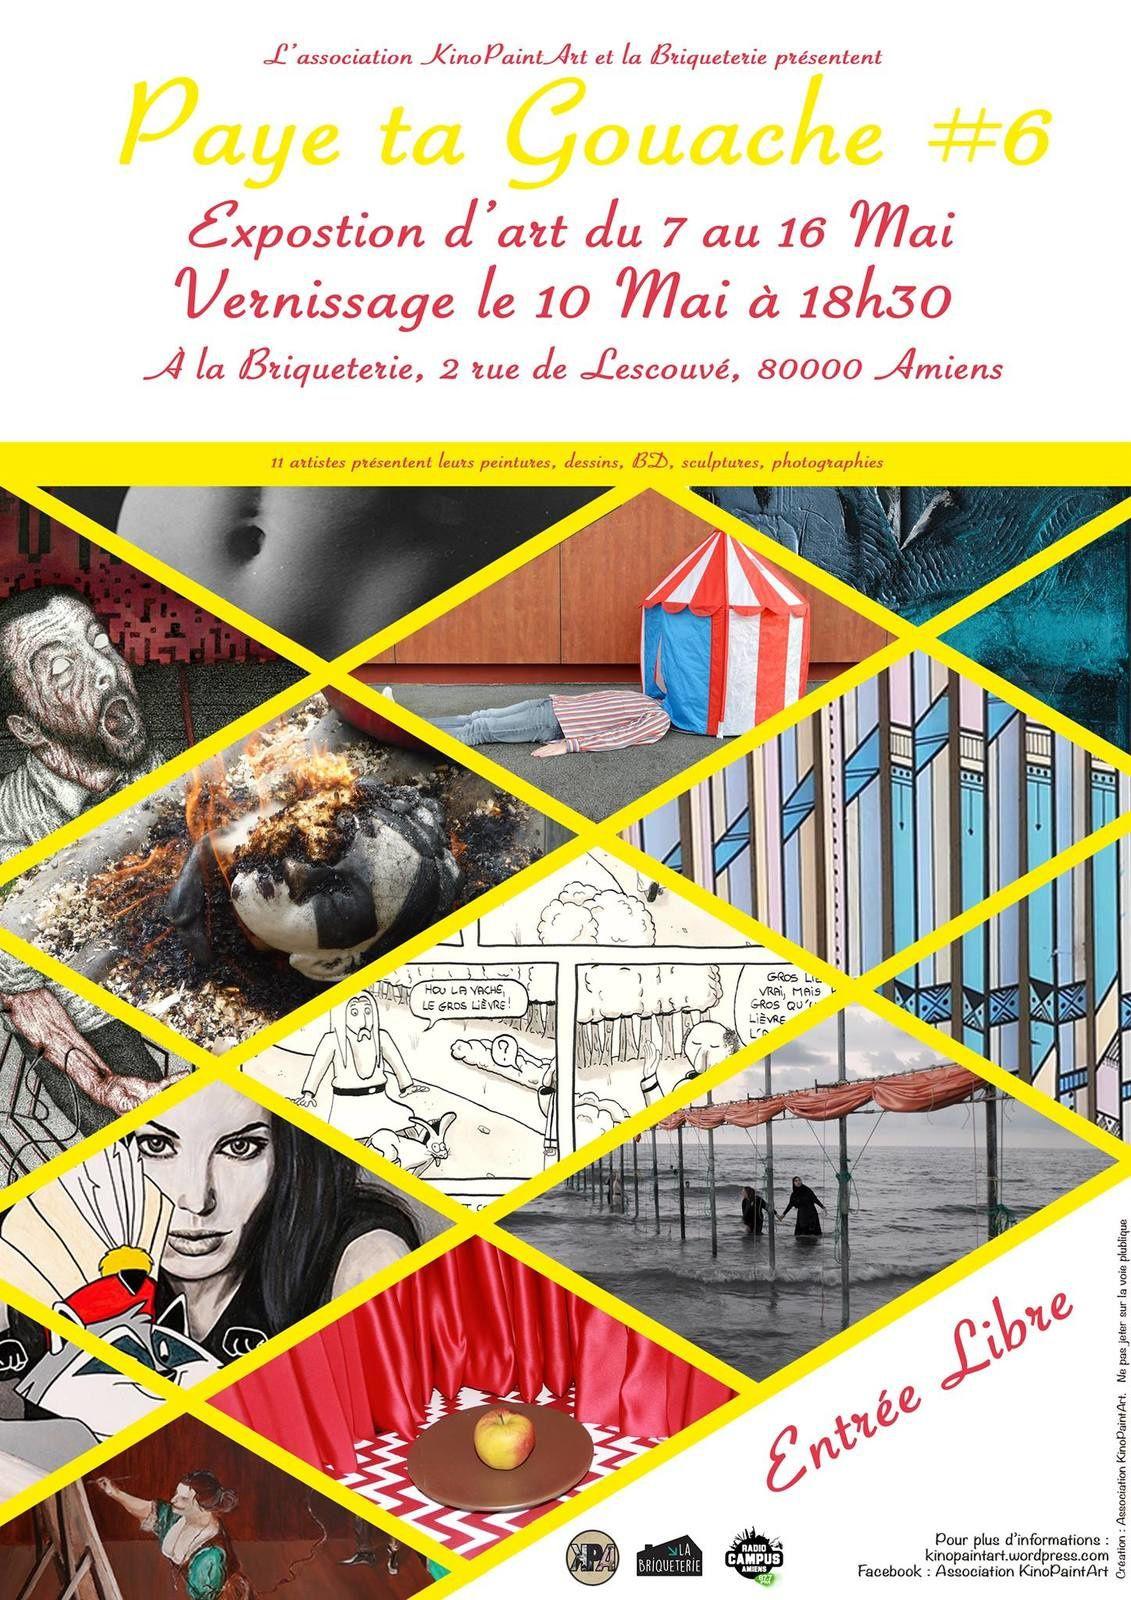 Exposition Paye ta gouache #6 - Du 7 au 16 mai à la Briqueterie